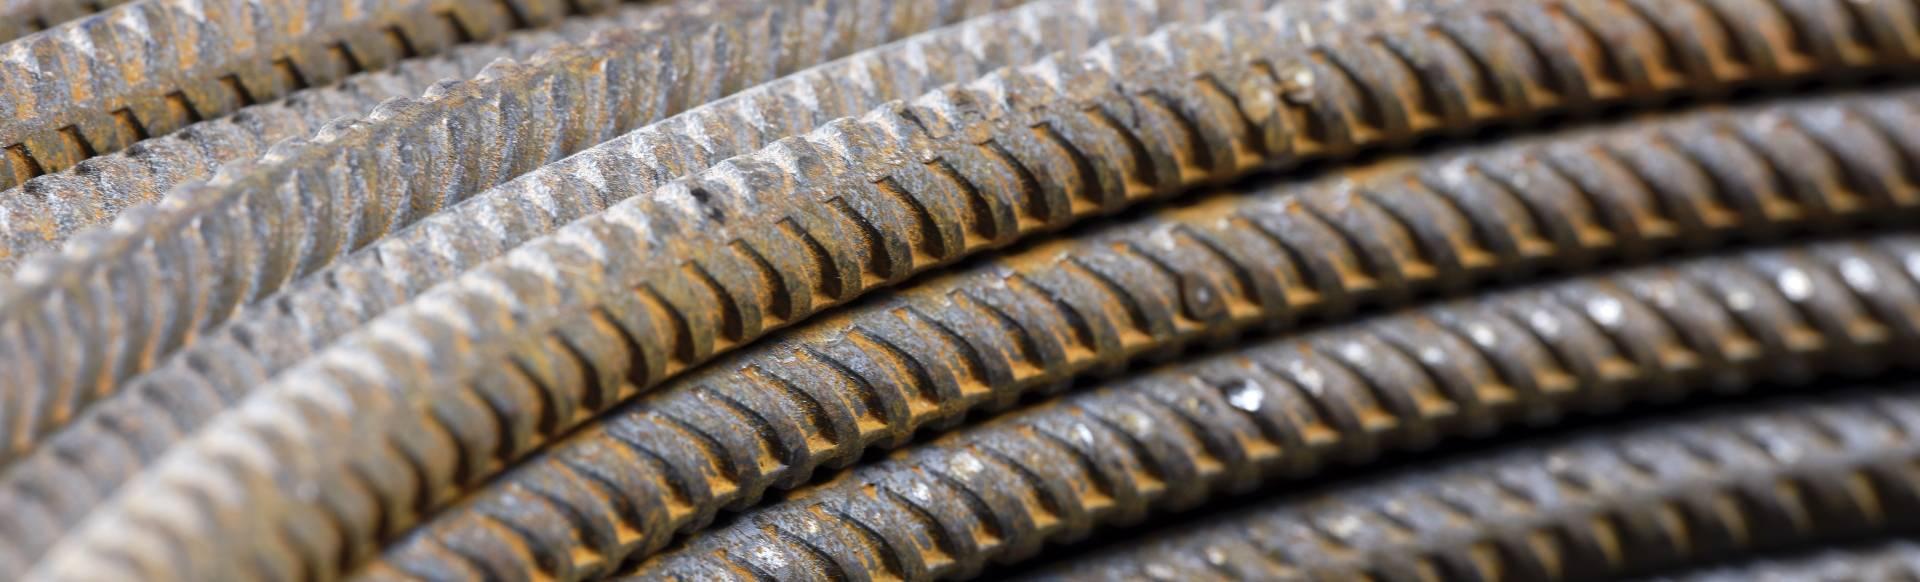 Rouleau de barre d'acier